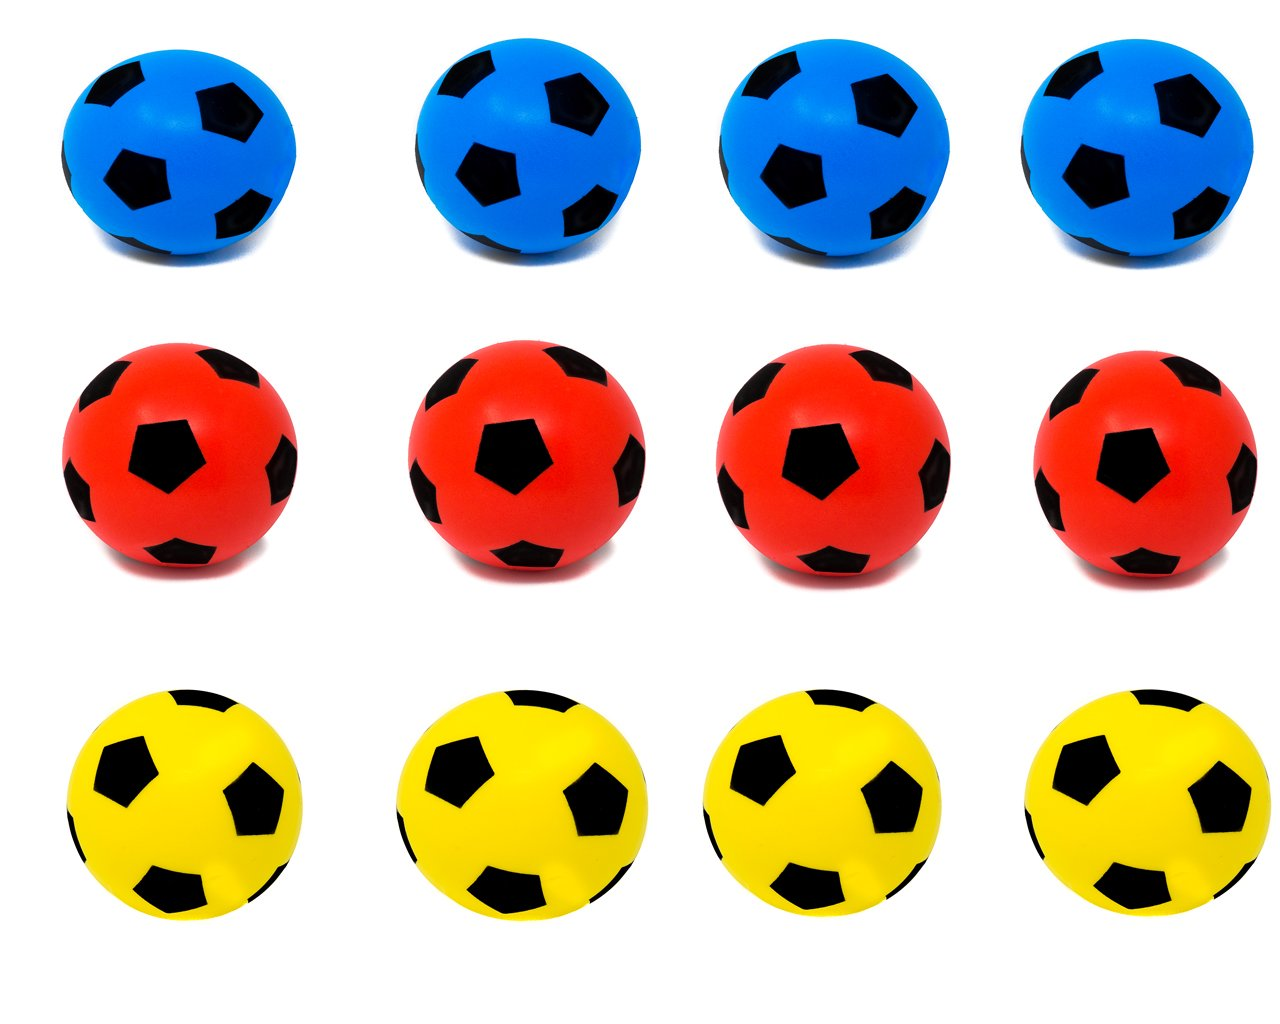 E-Deals balón de fútbol de Espuma Suave - Paquetes, 17.5cm - 4B+4R ...